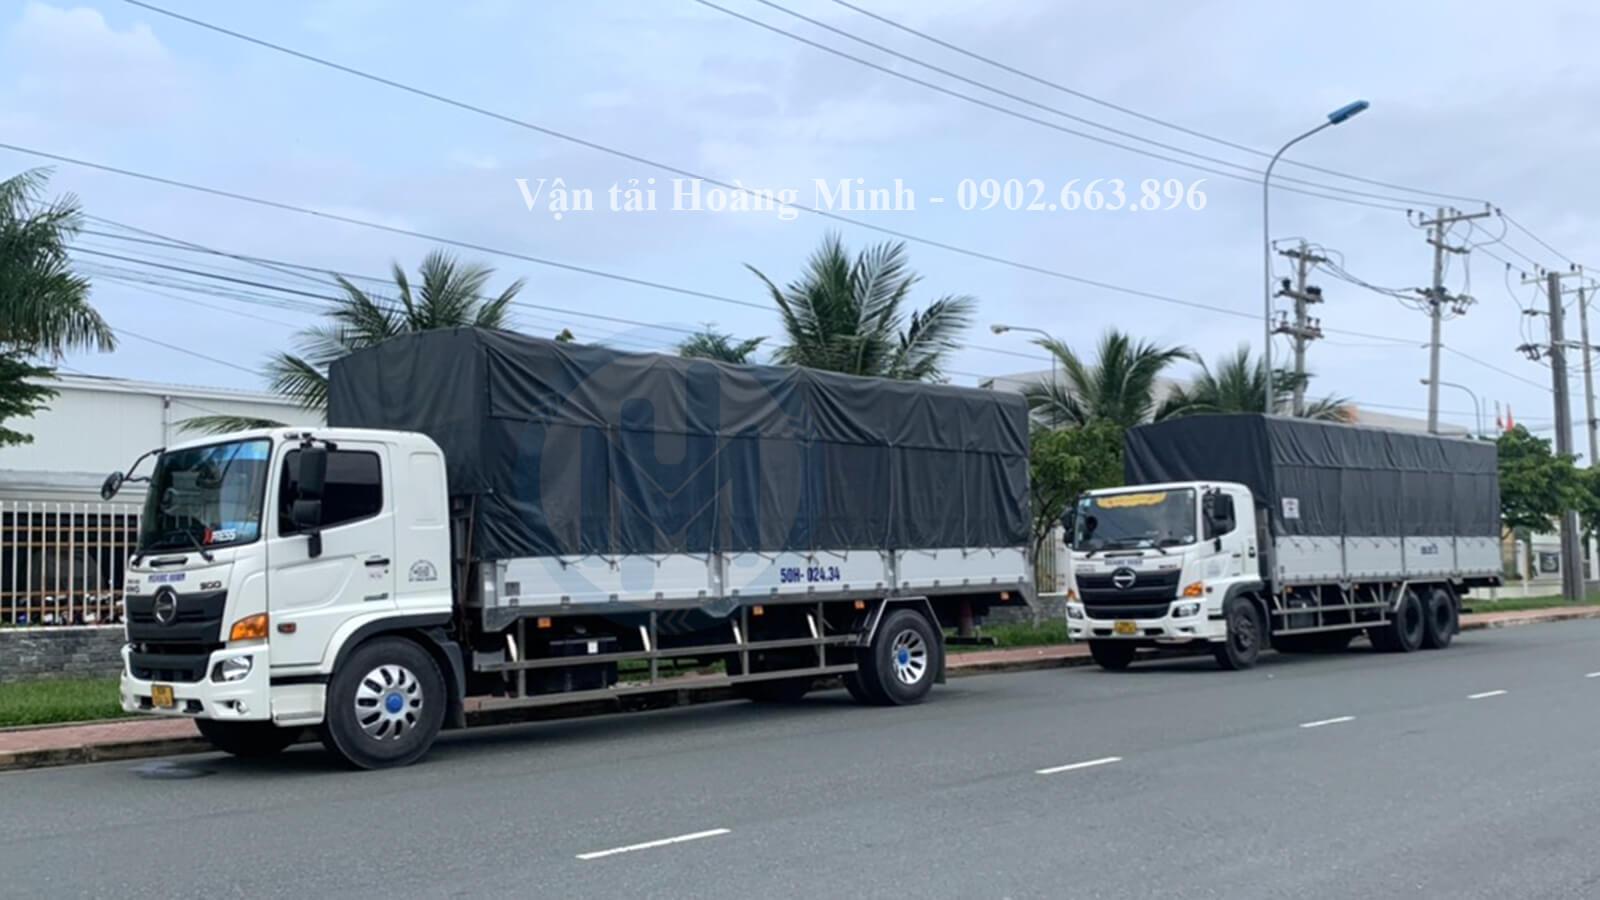 Dịch vụ cho thuê xe tải chở hàng Quận 8 uy tín tại TpHCM